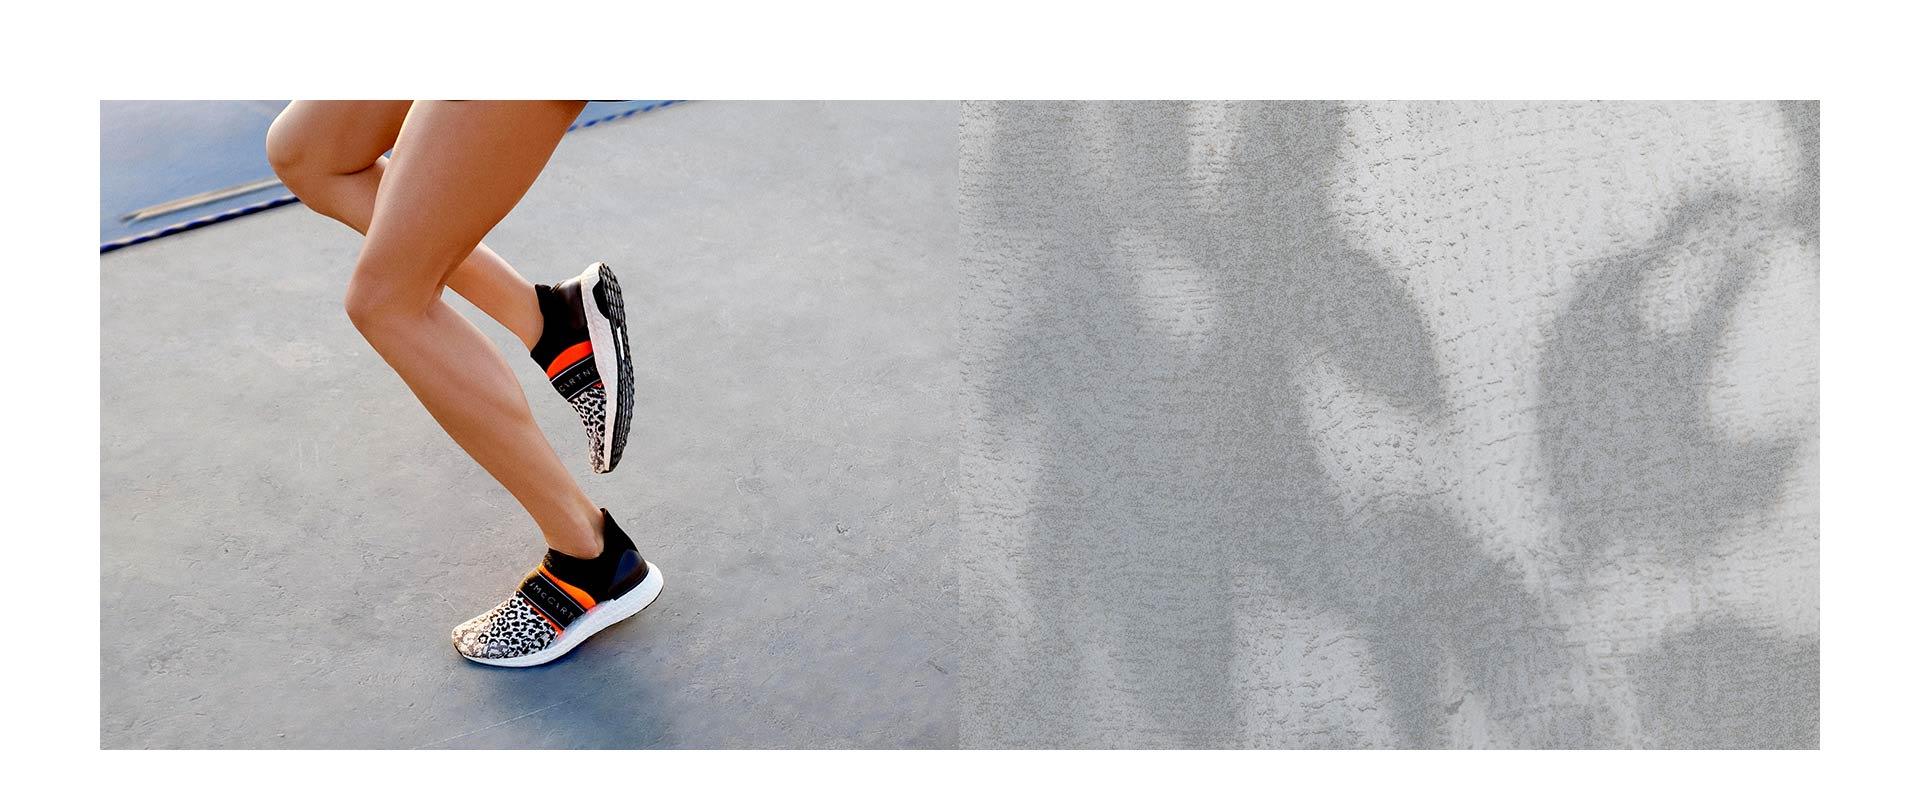 6a5f7de97f8 adidas by Stella McCartney